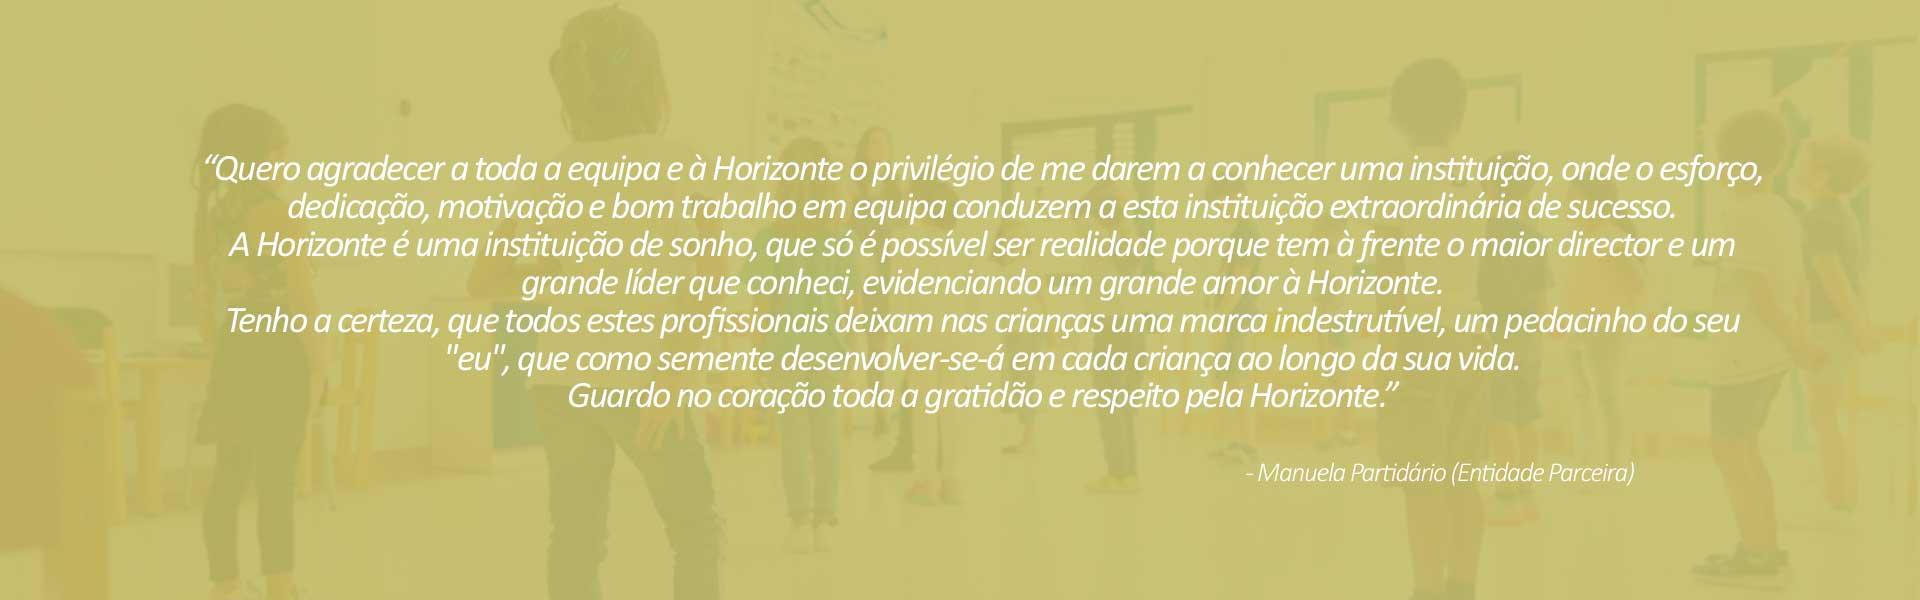 testemunho5